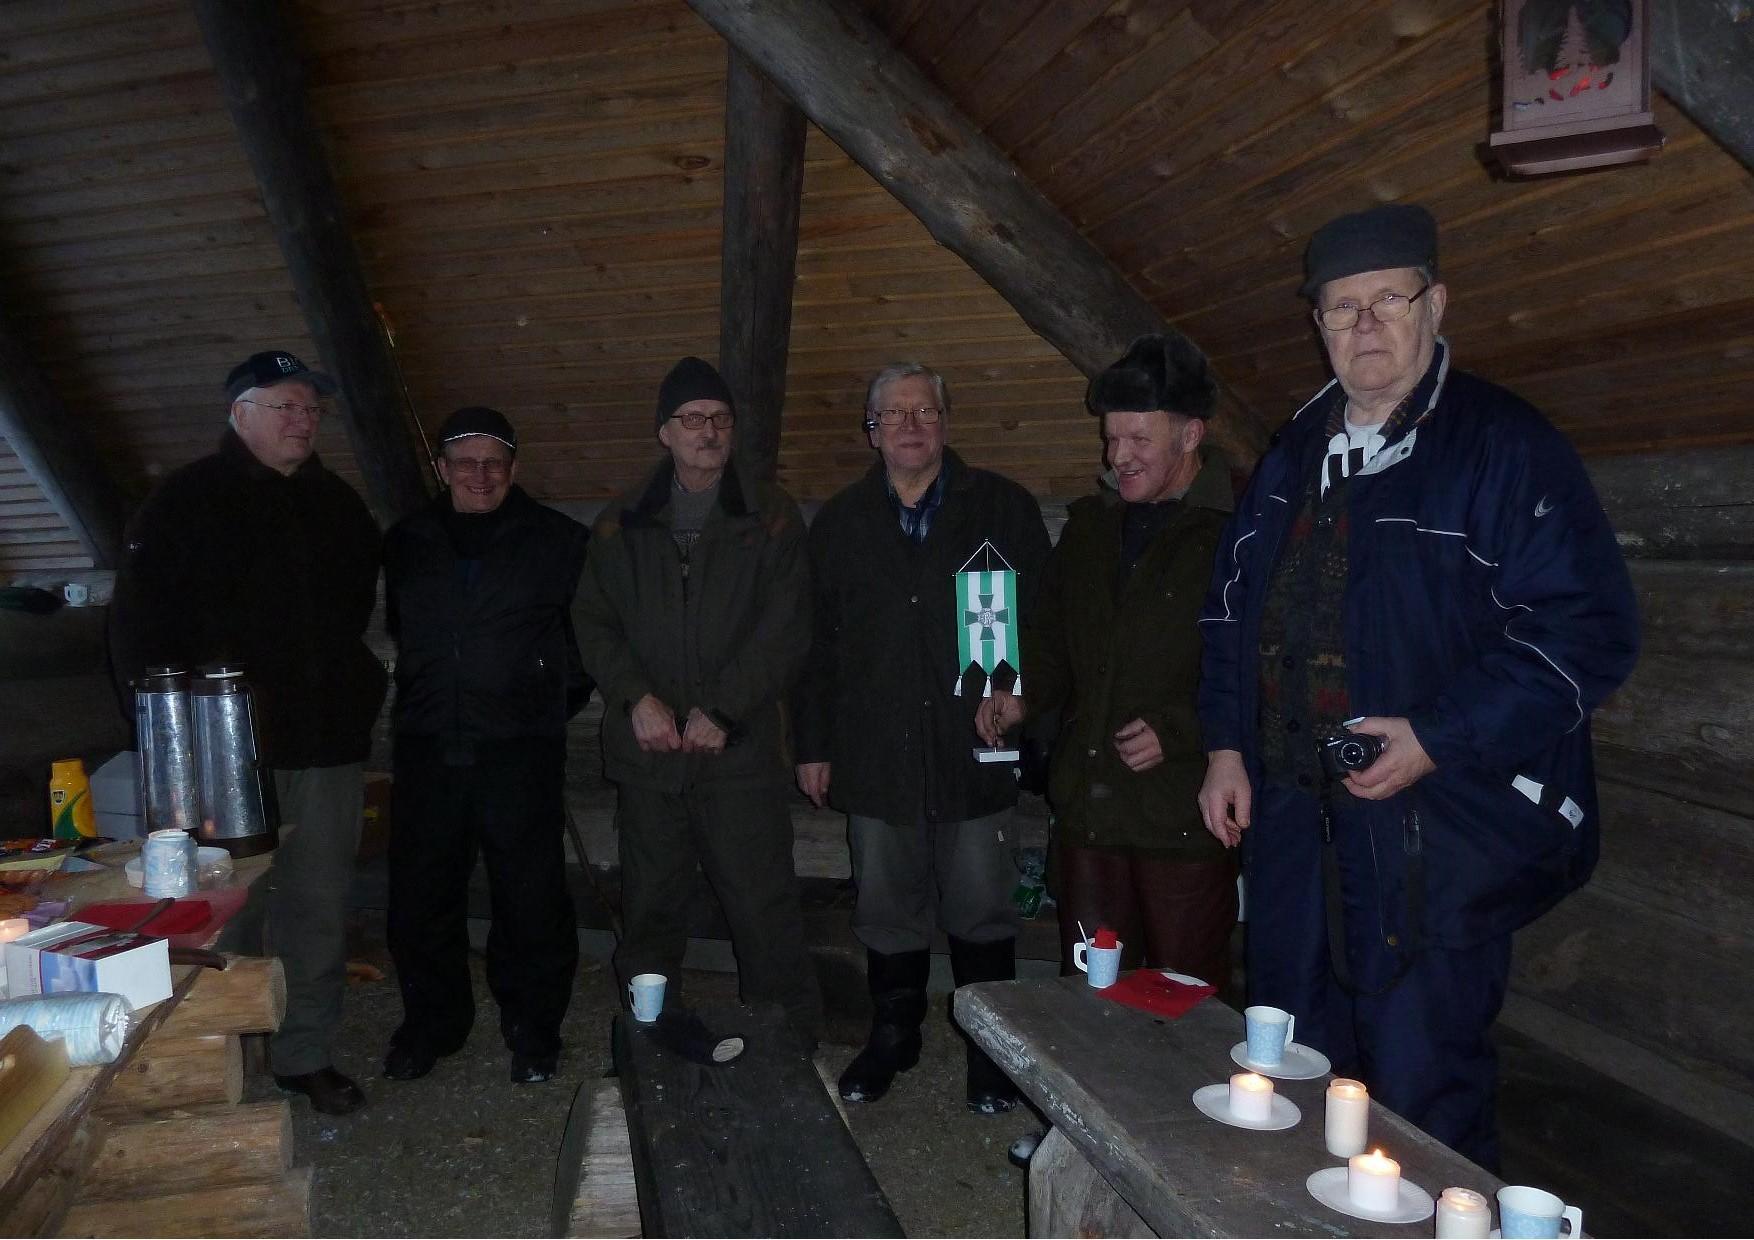 Kuvassa. vasemmalta Paavo Leppänen, Tauno Jääskeläinen, Pentti Kärkkäinen, Tenho Tikkanen, Väinö Väänänen ja Timo Laukkanen.